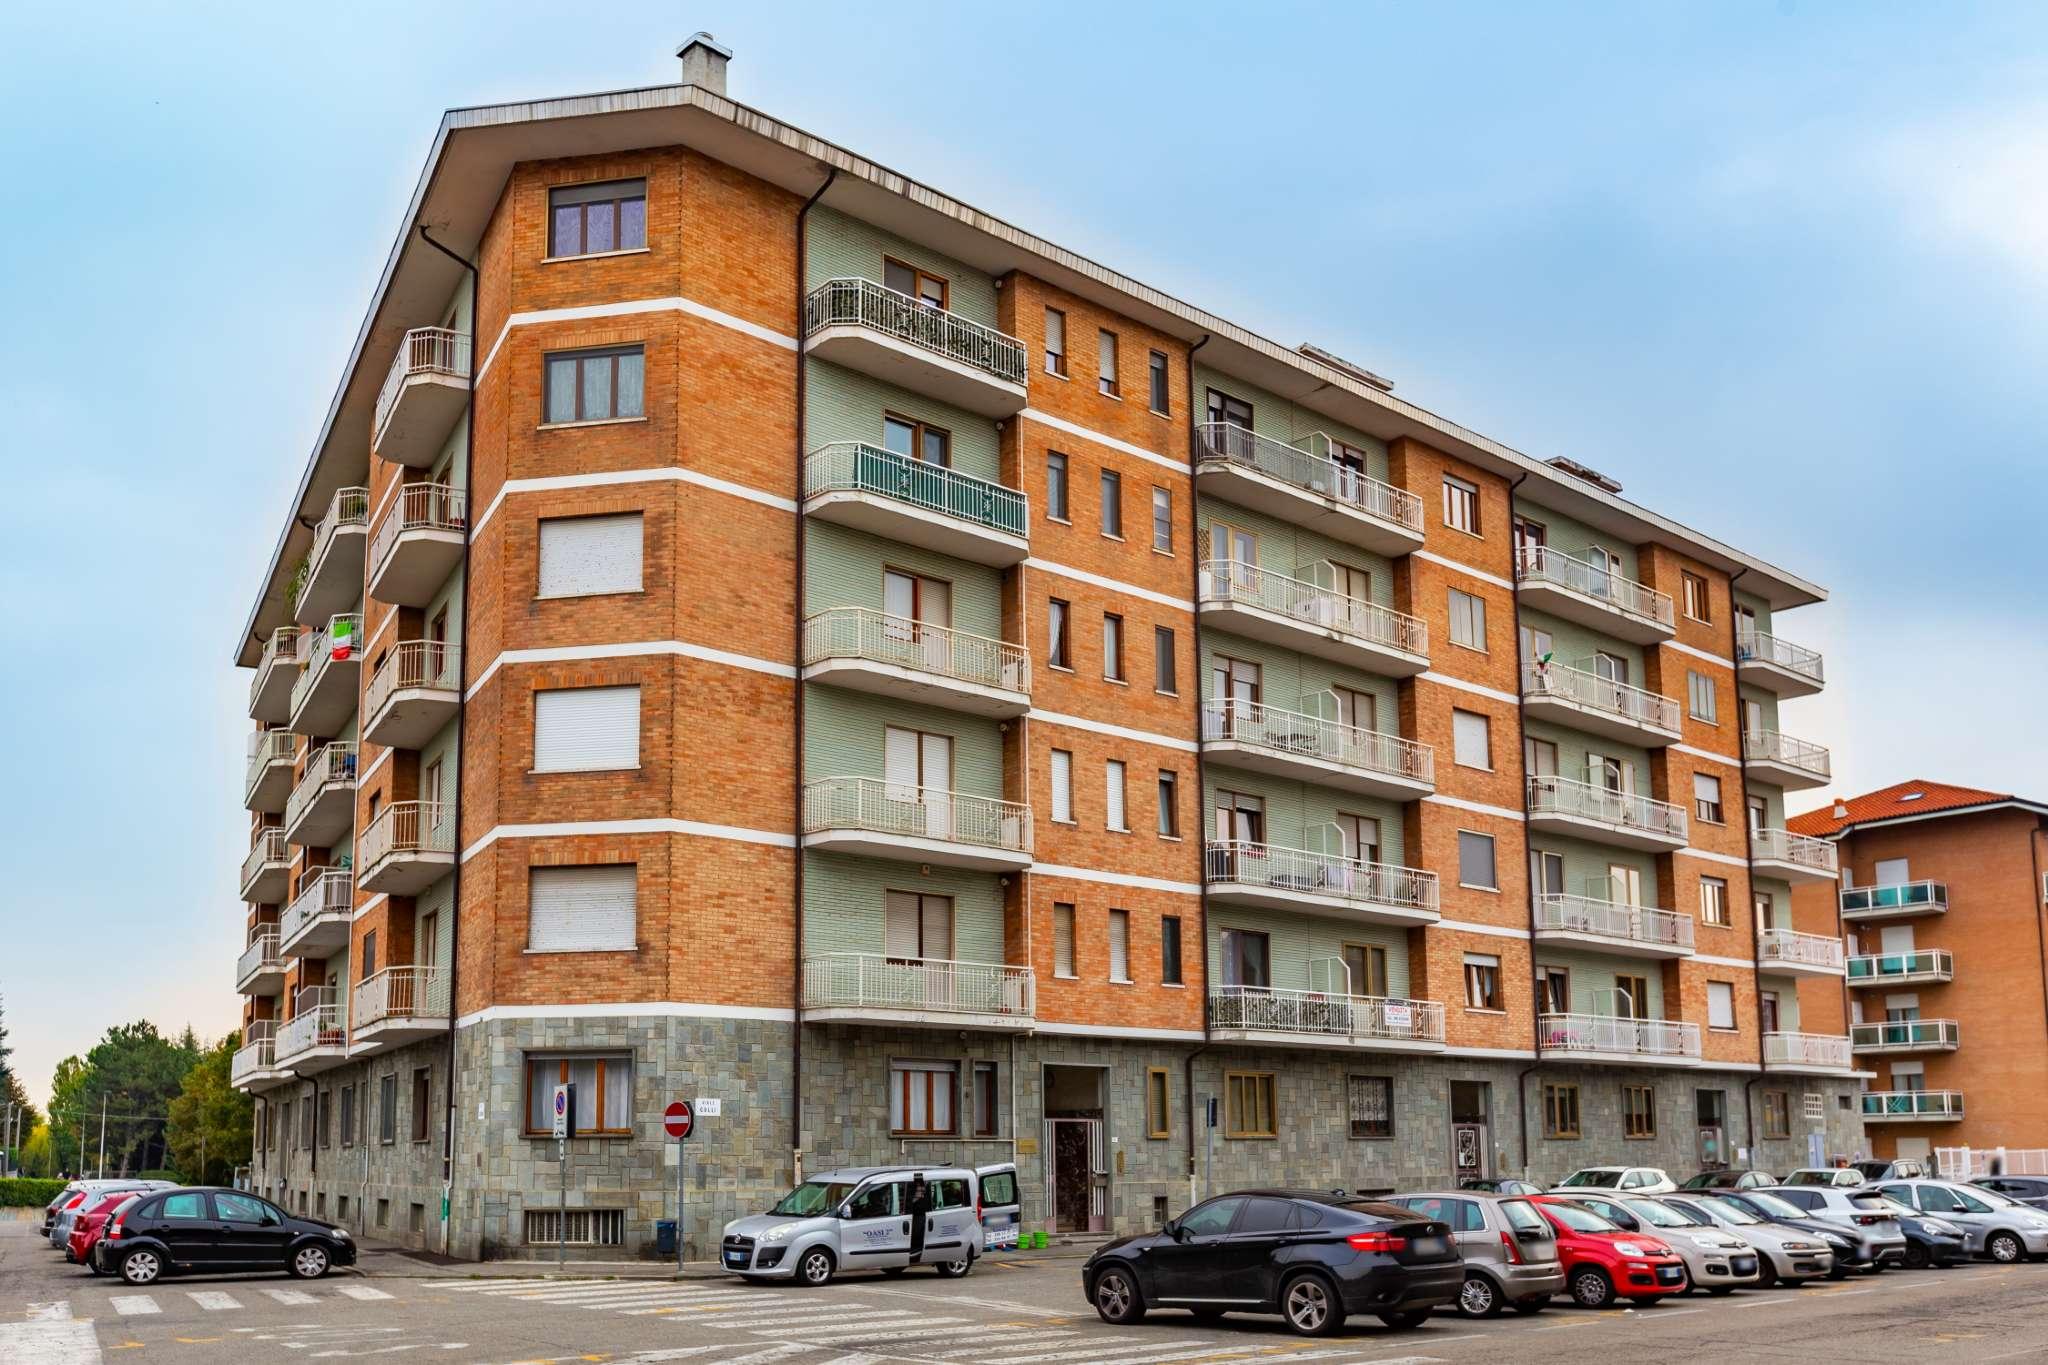 Ufficio / Studio in vendita a Rivoli, 2 locali, prezzo € 83.000   PortaleAgenzieImmobiliari.it